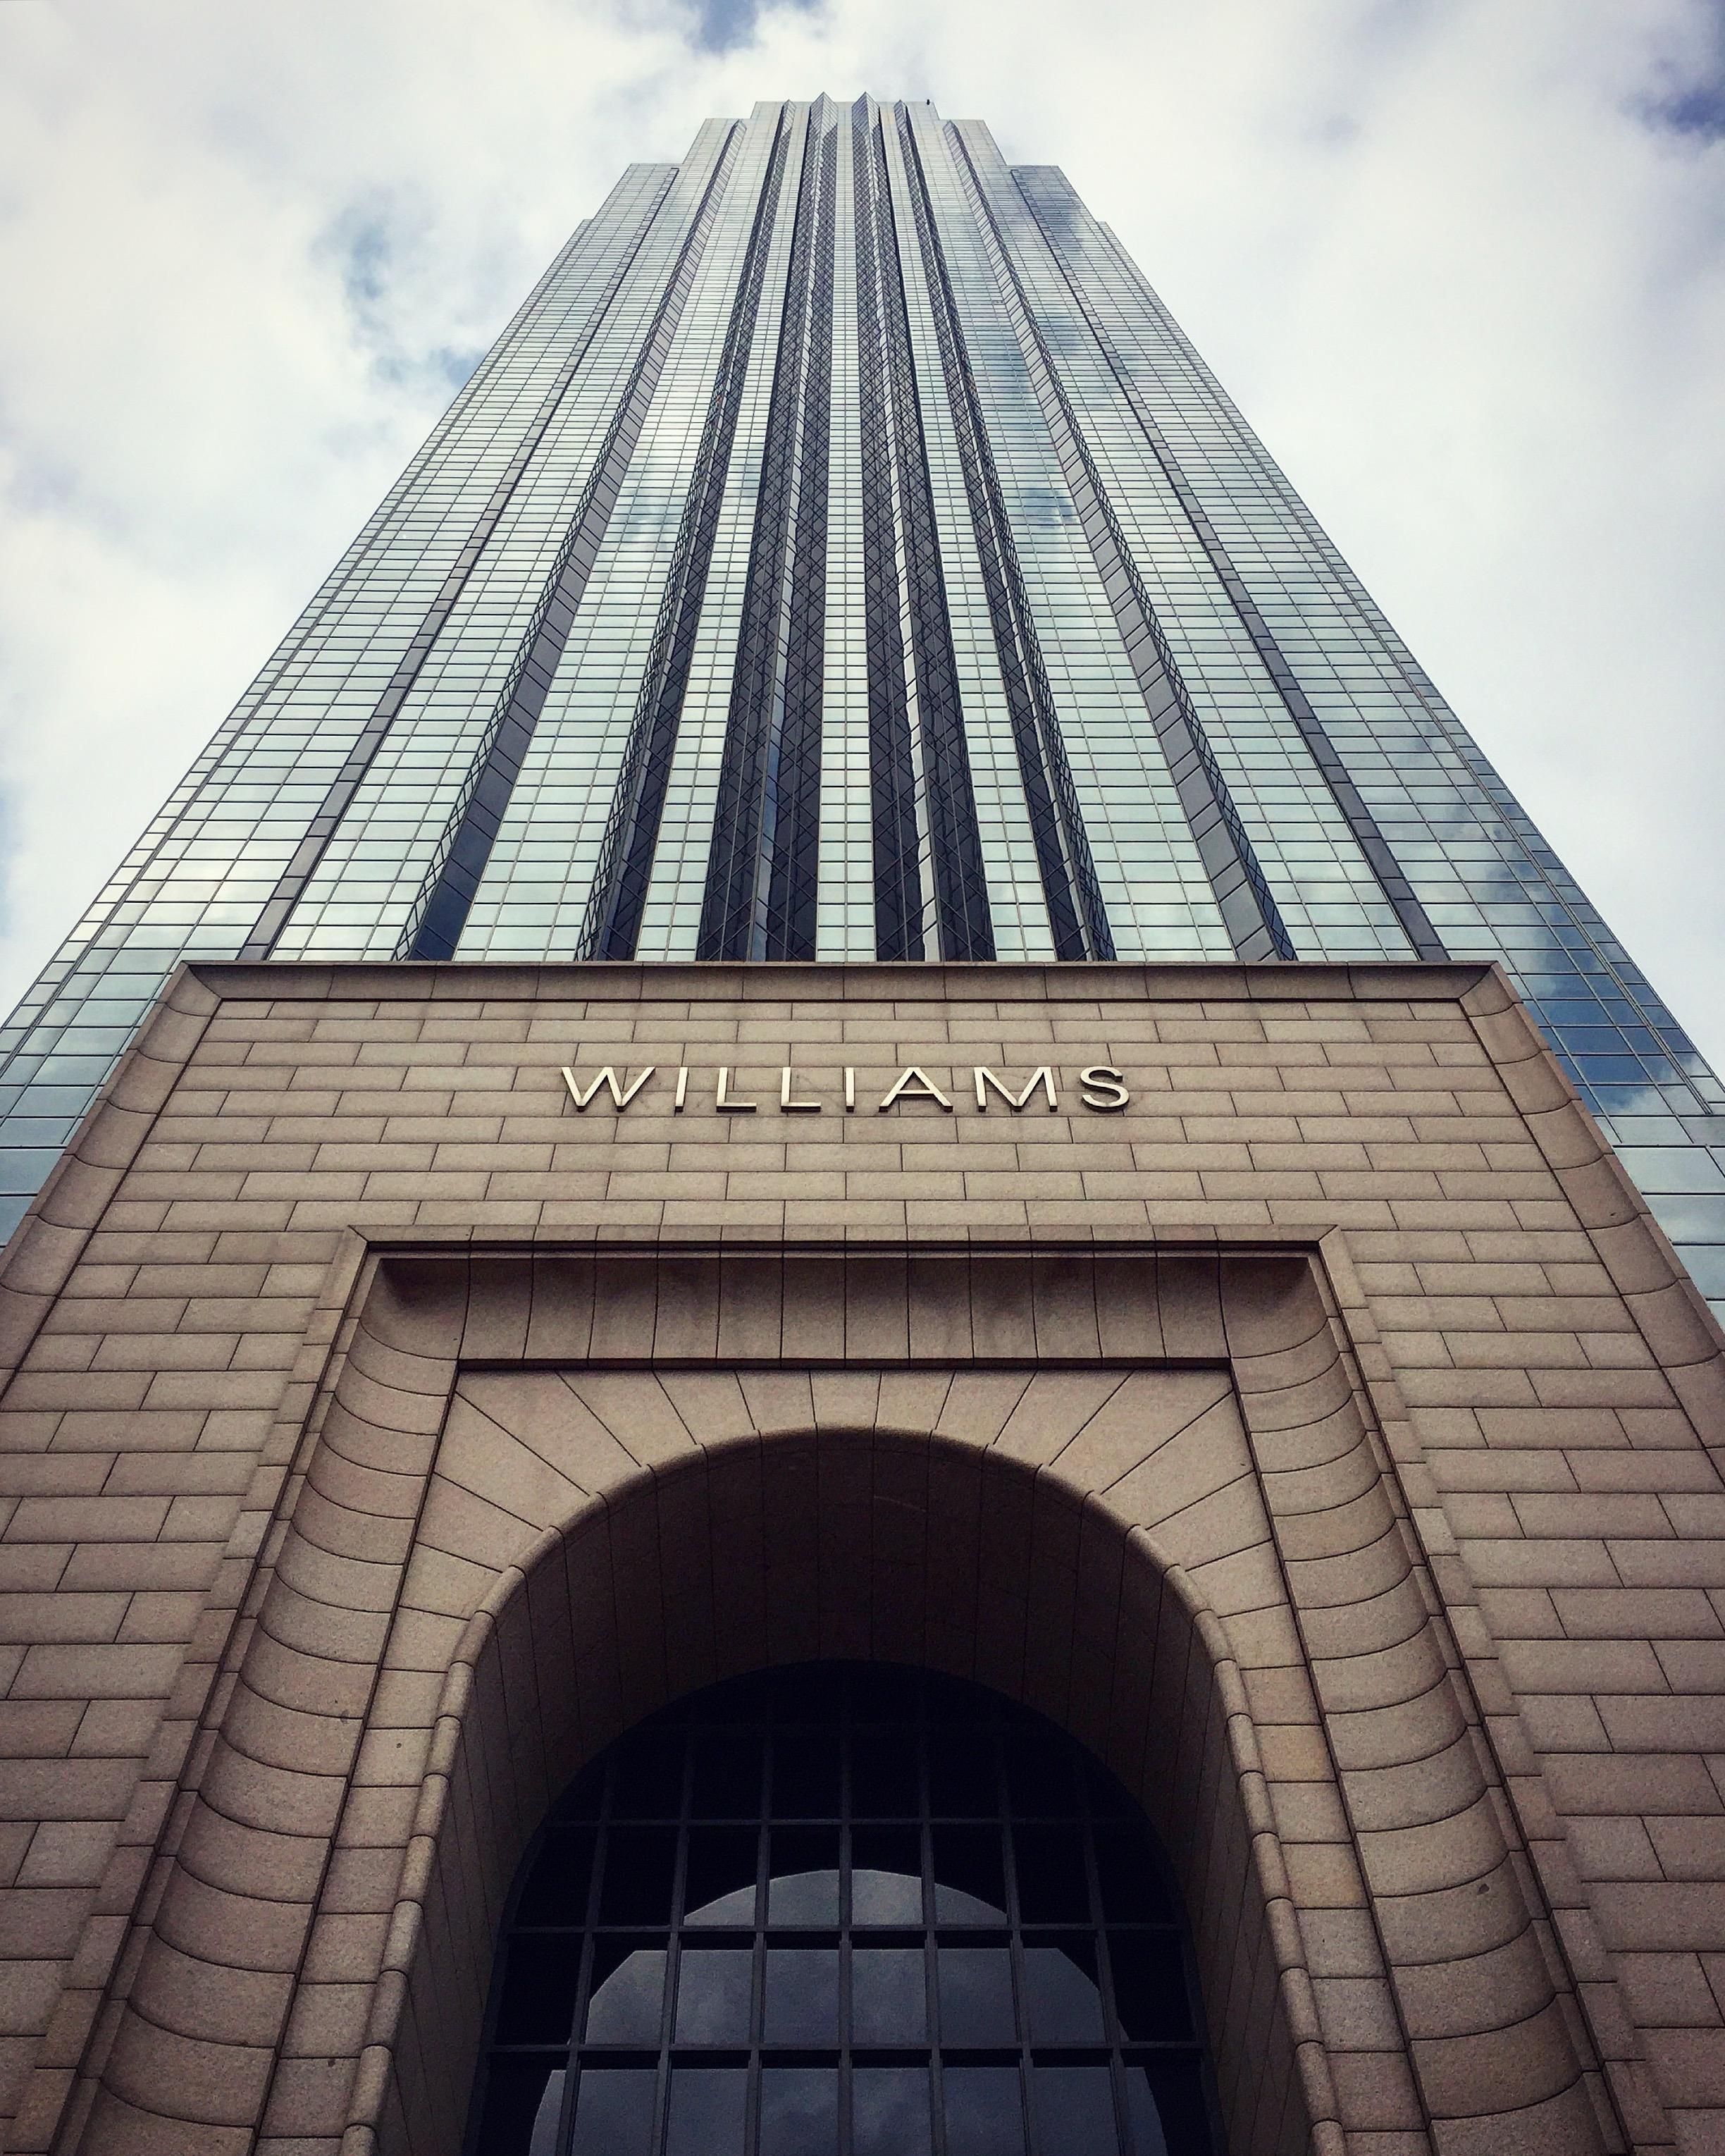 williamstower - yomarianablog